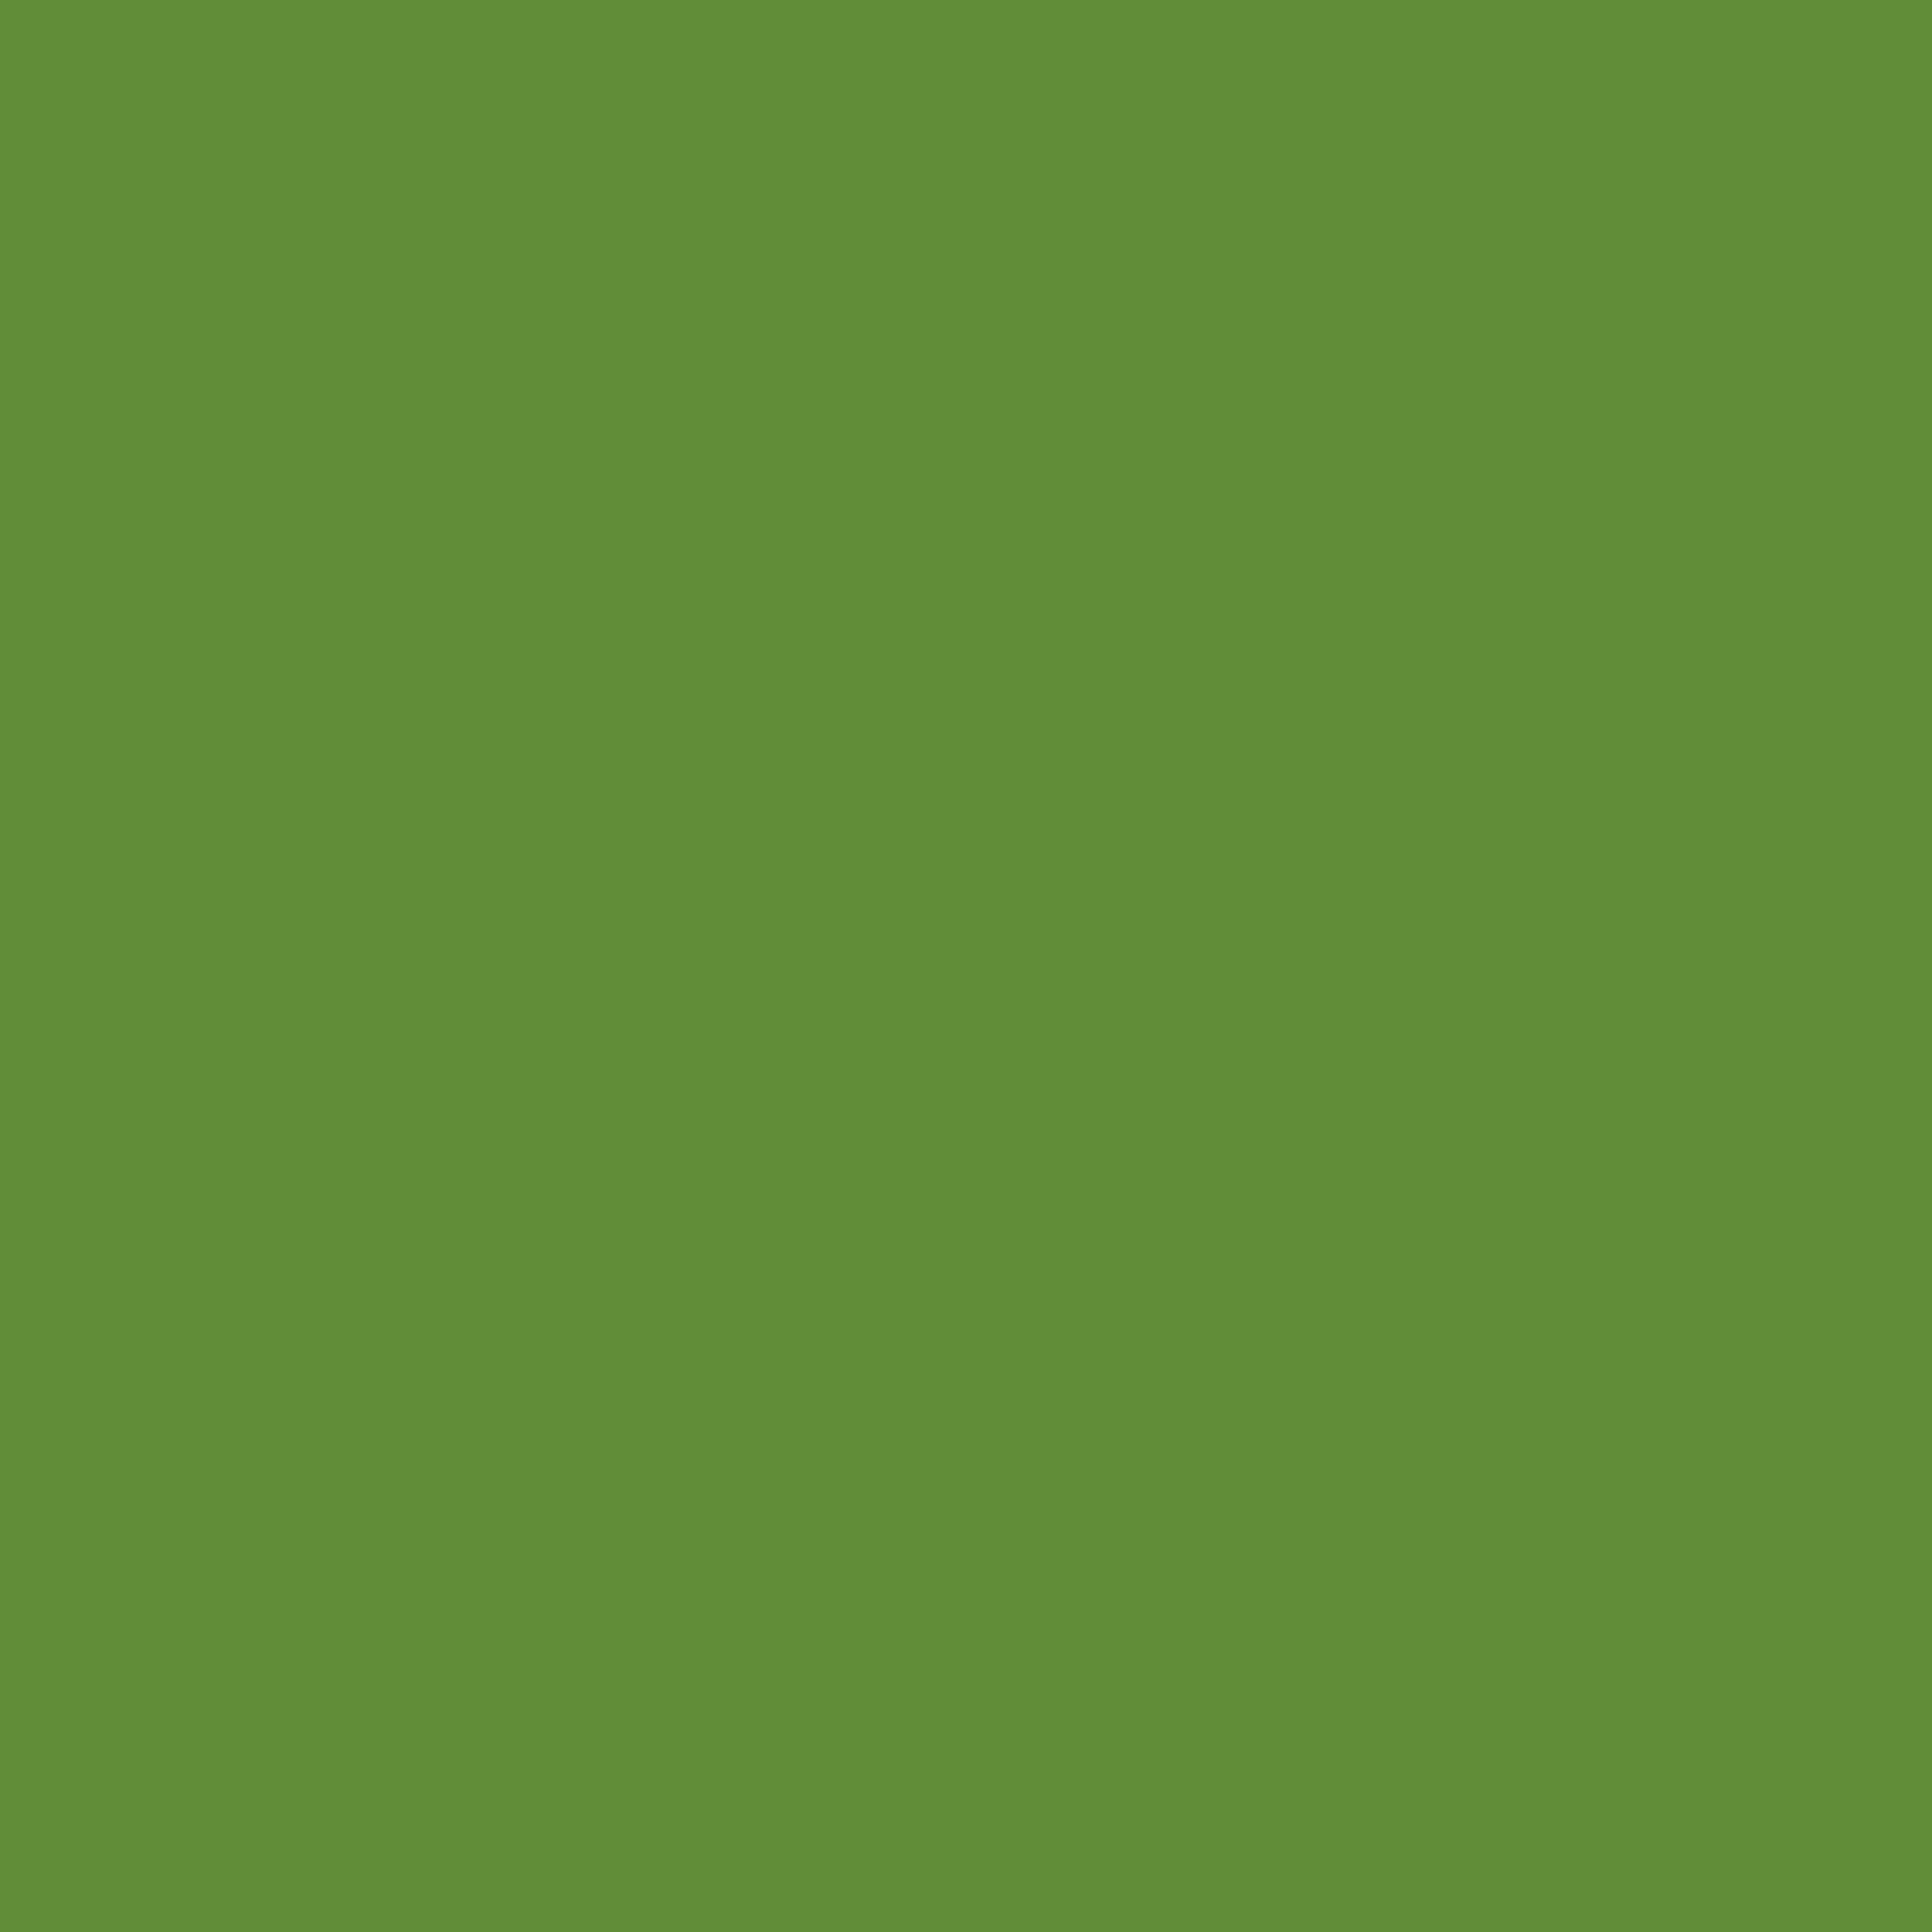 119 Spring Green